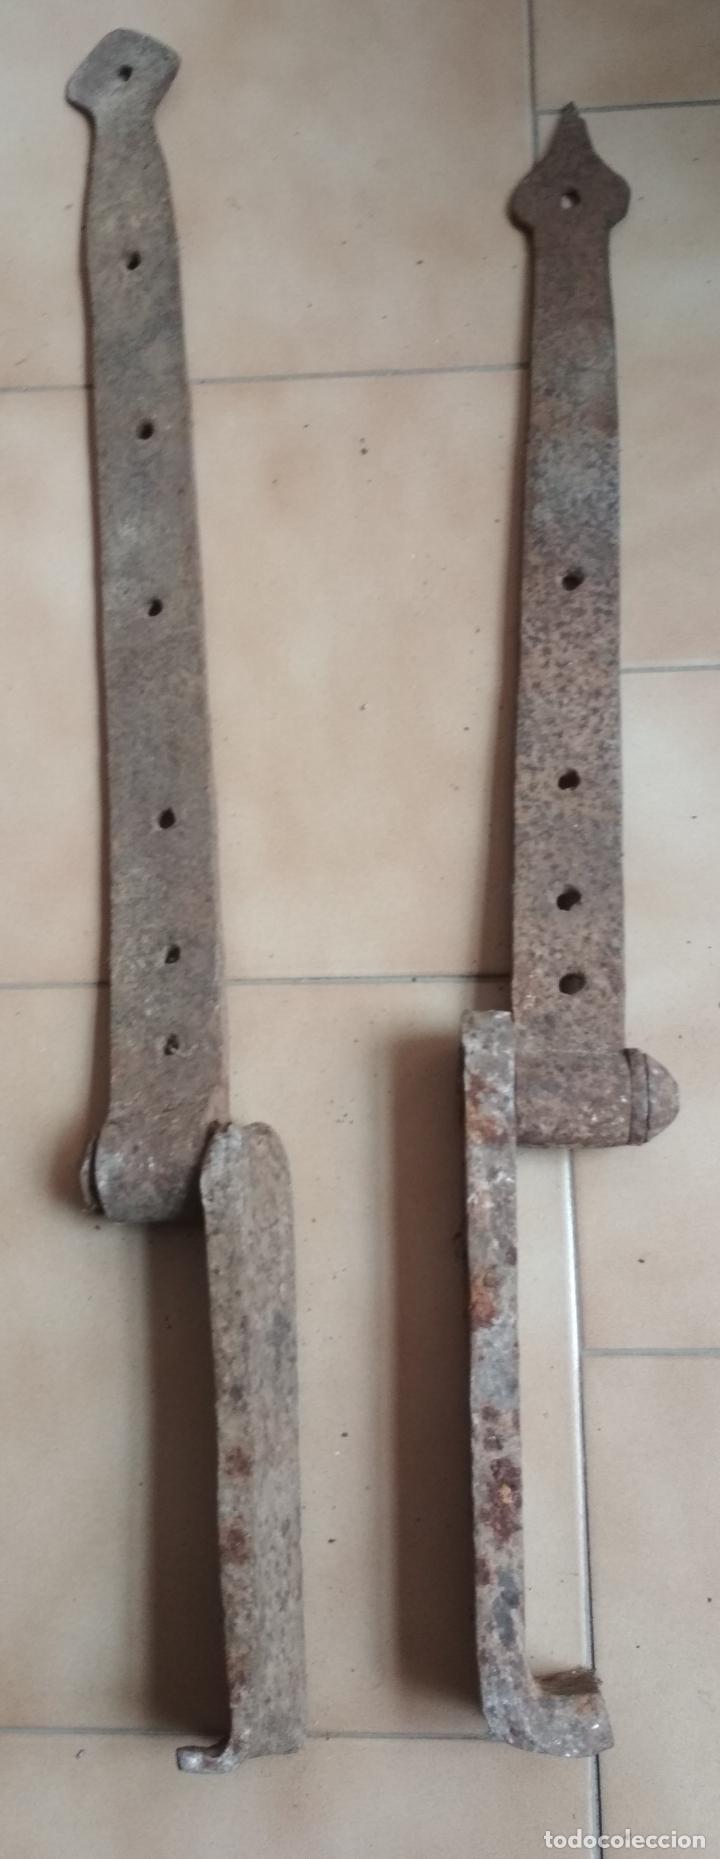 LOTE 2 BISAGRAS,AGUAZAS GRANDES DE PORTON (Antigüedades - Técnicas - Cerrajería y Forja - Bisagras Antiguas)